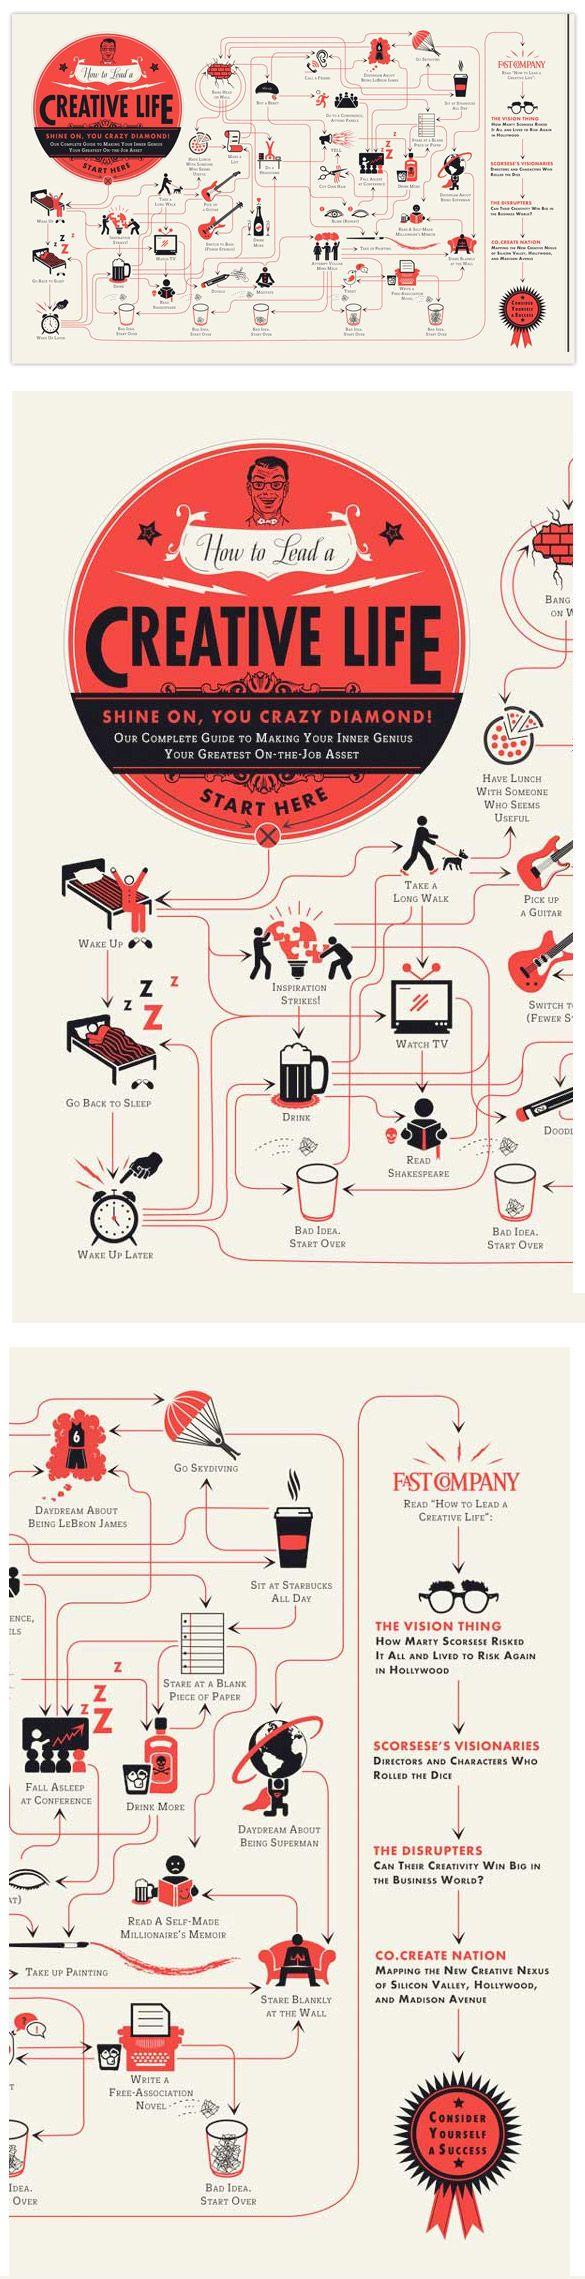 Graphisme interactivité blog de design par Geoffrey Dorne » [infographie] Comment mener une vie créative ?